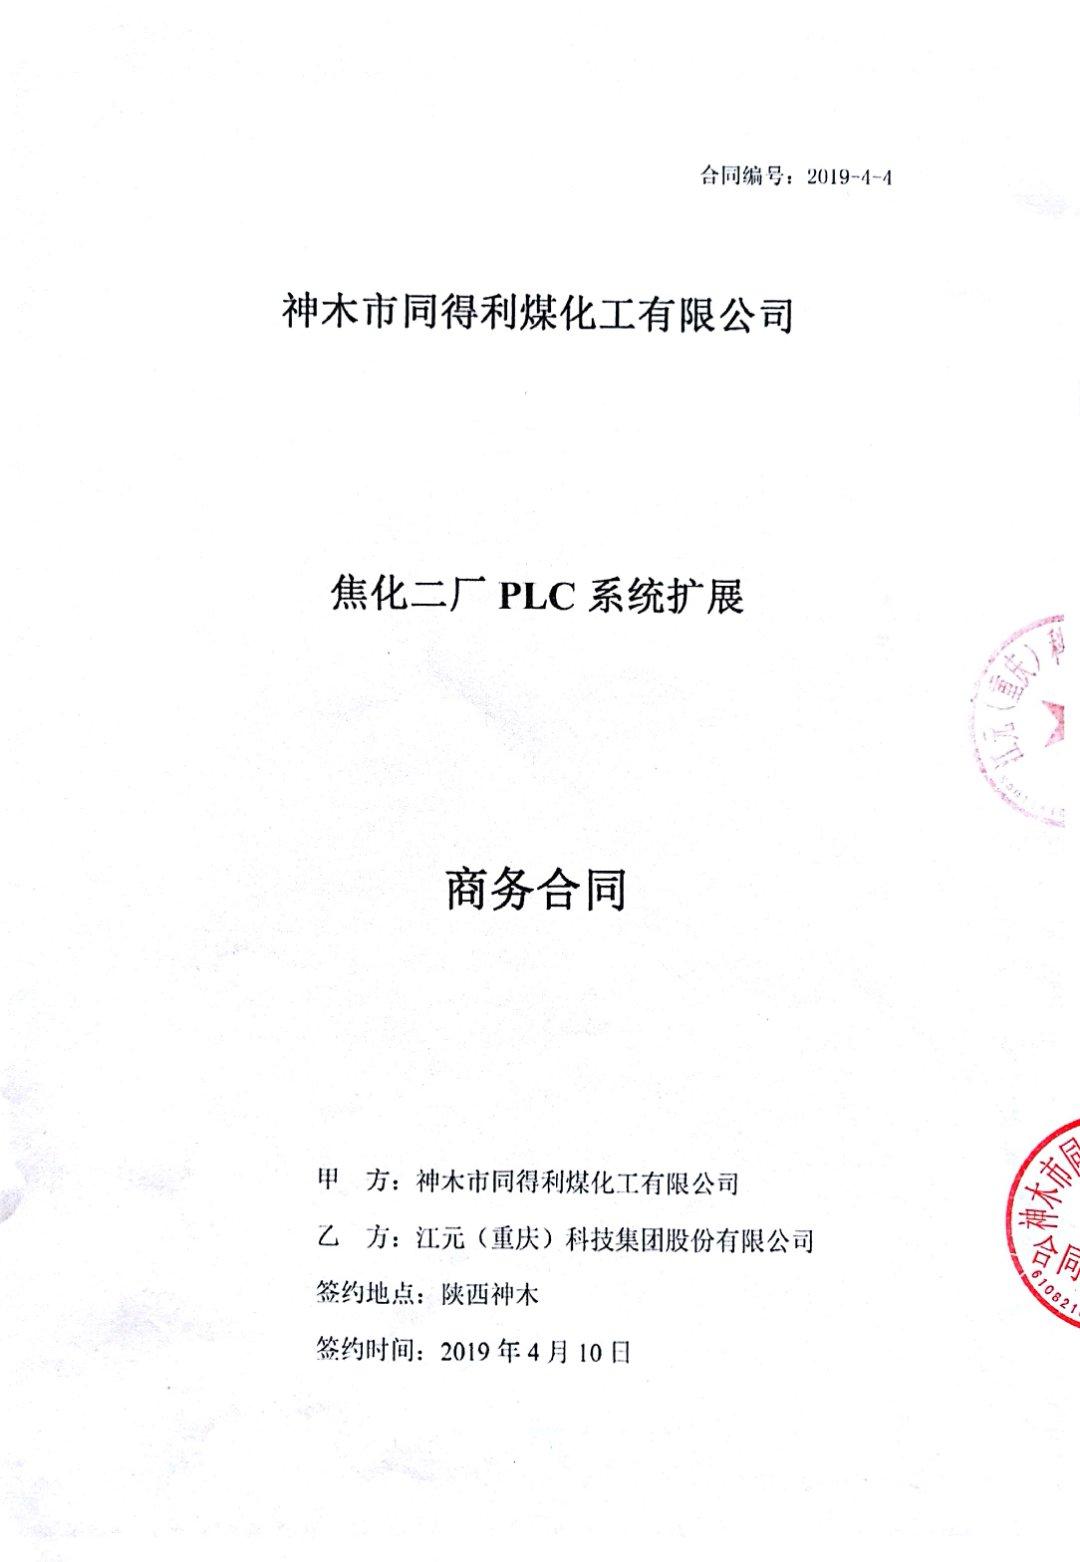 江元签约神木同得利煤化工焦化二厂PLC系统扩展项目